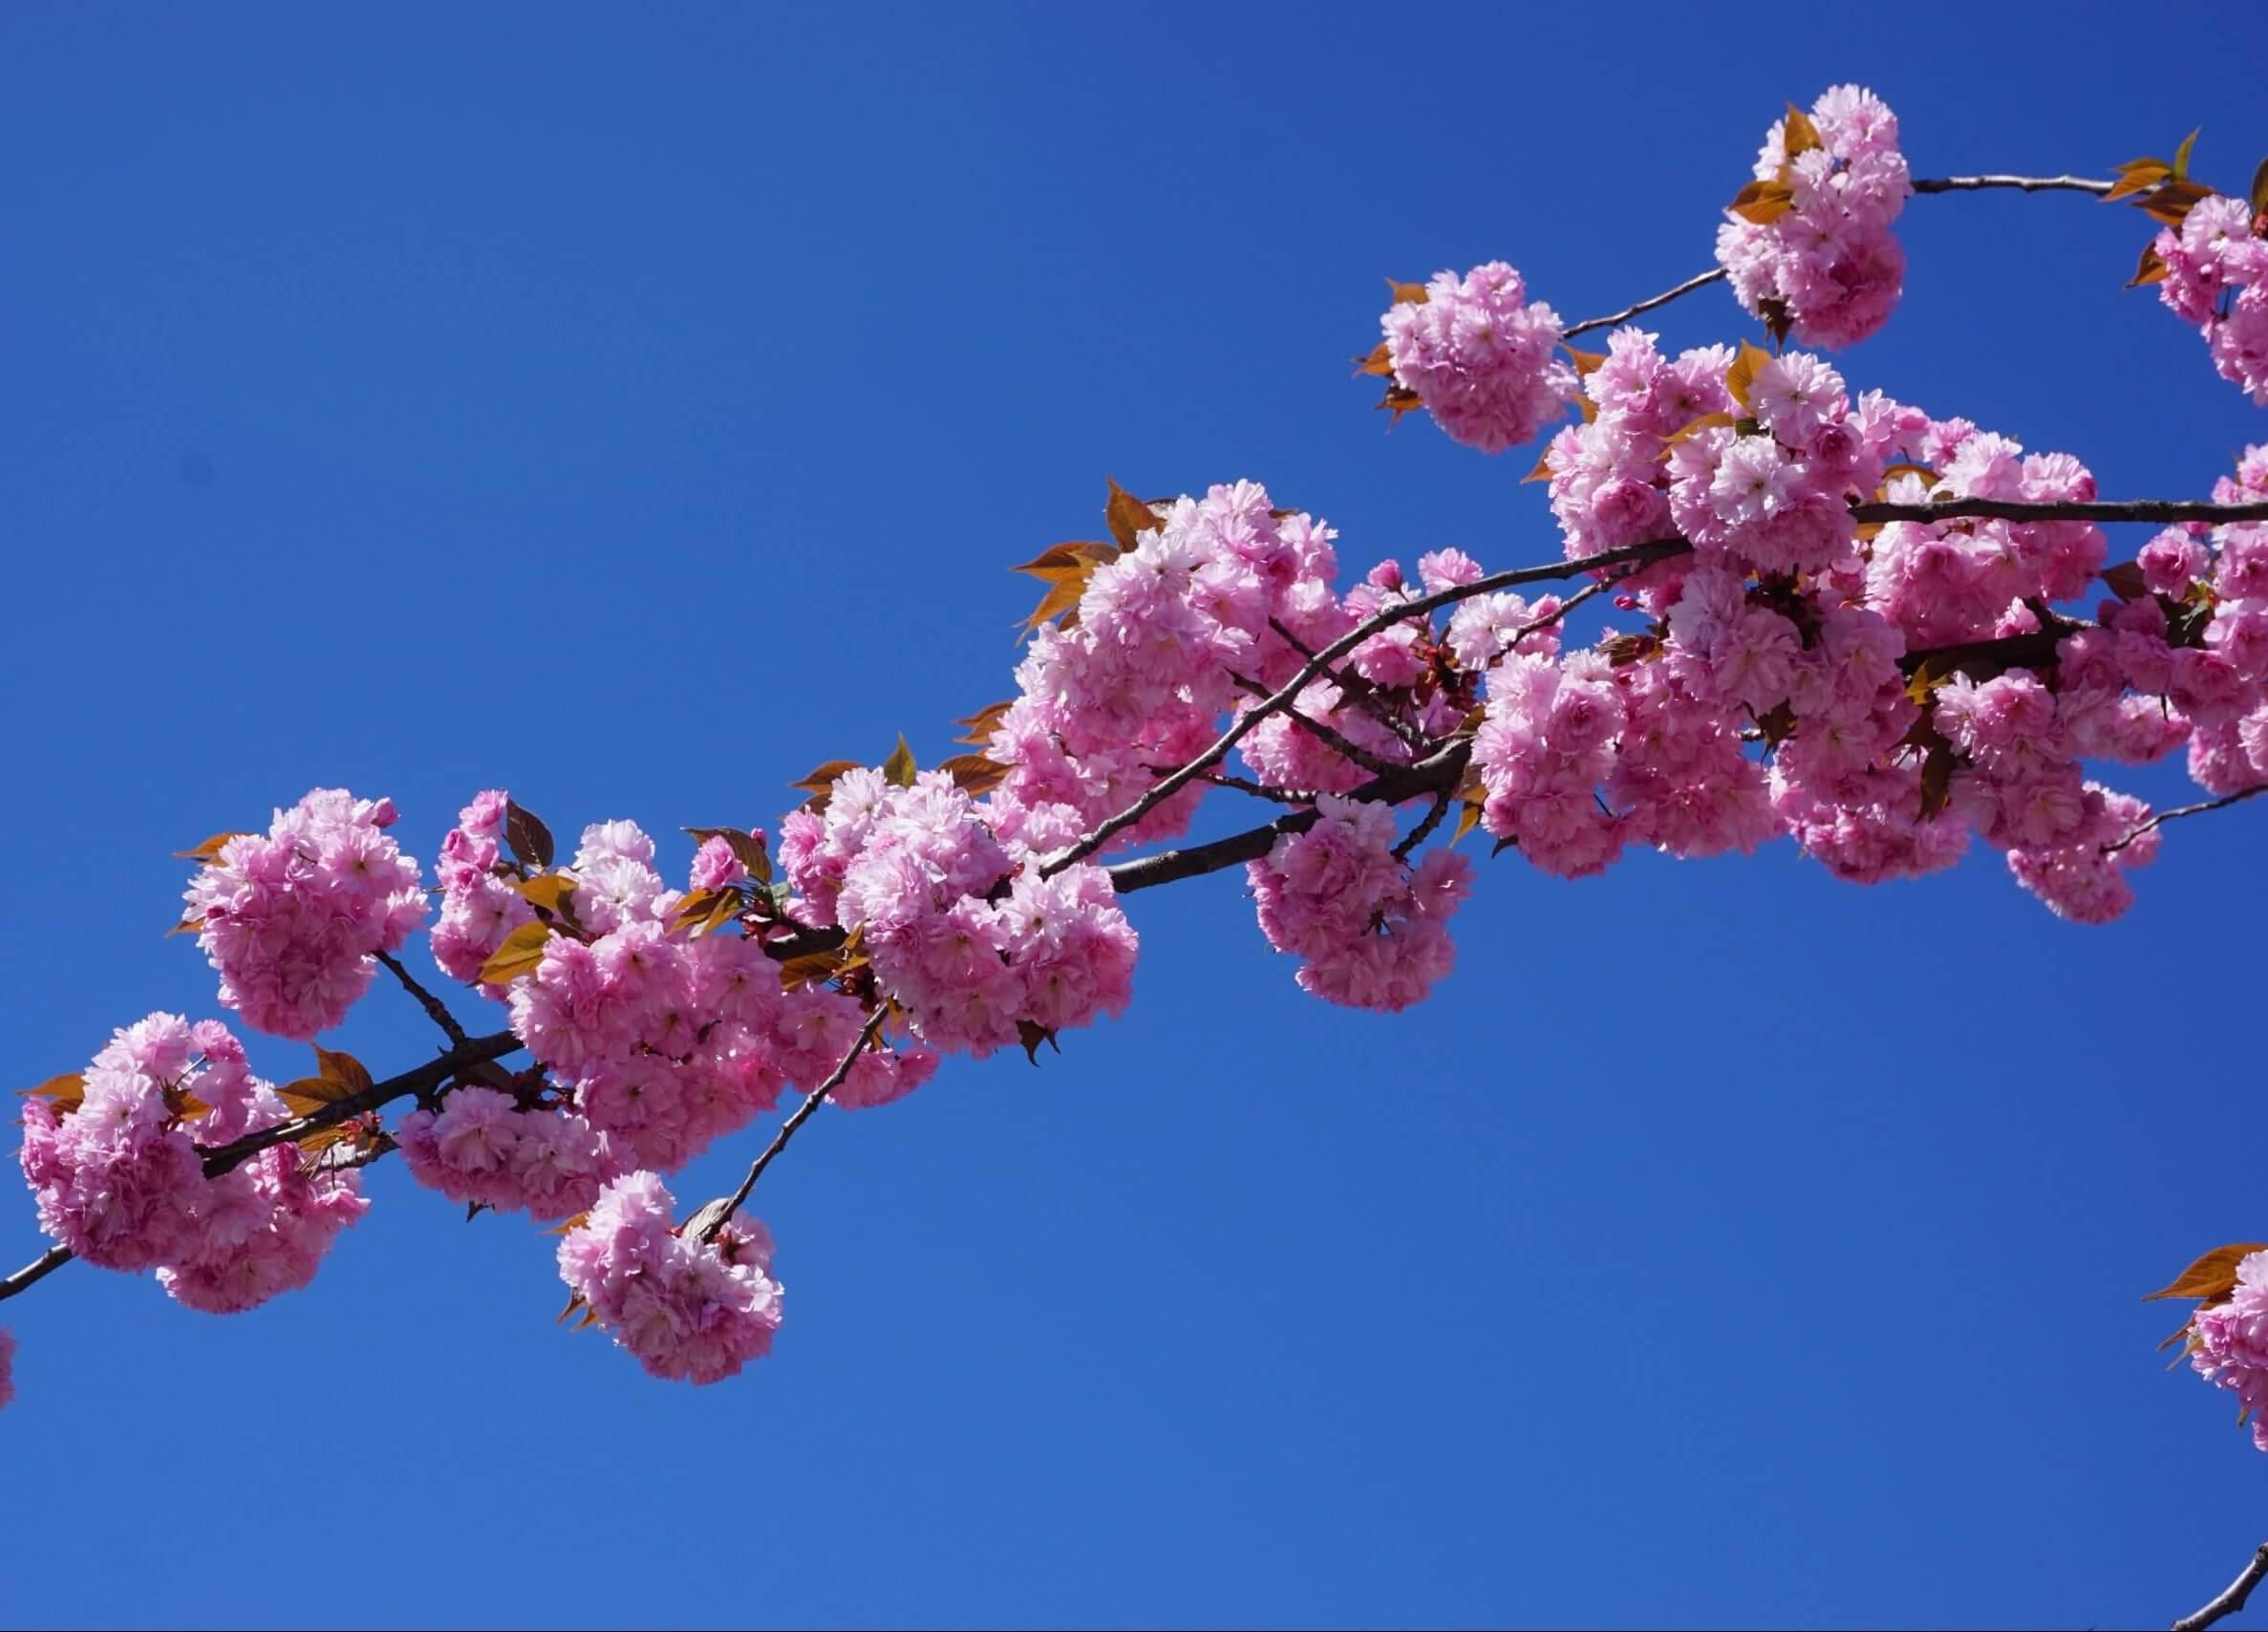 Das Bild zeigt einen Ast mit den gegen den blauen Himmel in harmonischem Kontrast stehenden rosafarbenen Blüten einer Zuchtsorte der Japanischen Blütenkirsche mit gefüllten Blüten.